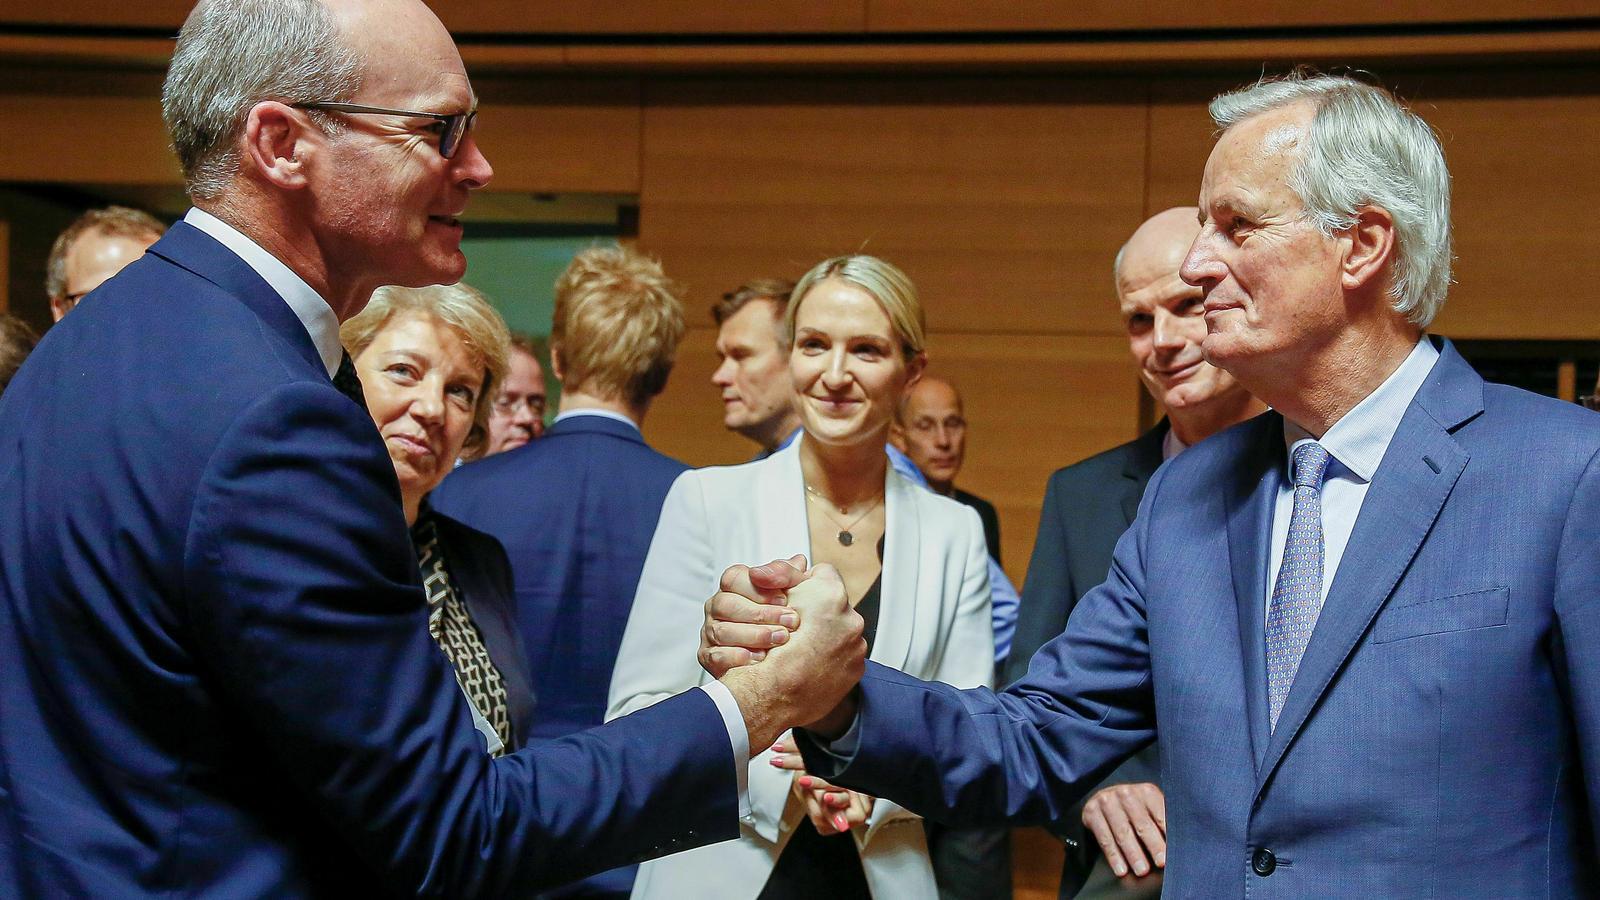 El negociador en cap del Brexit, Michel Barnier, amb el ministre d'Exteriors irlandès, Simon Coveney.